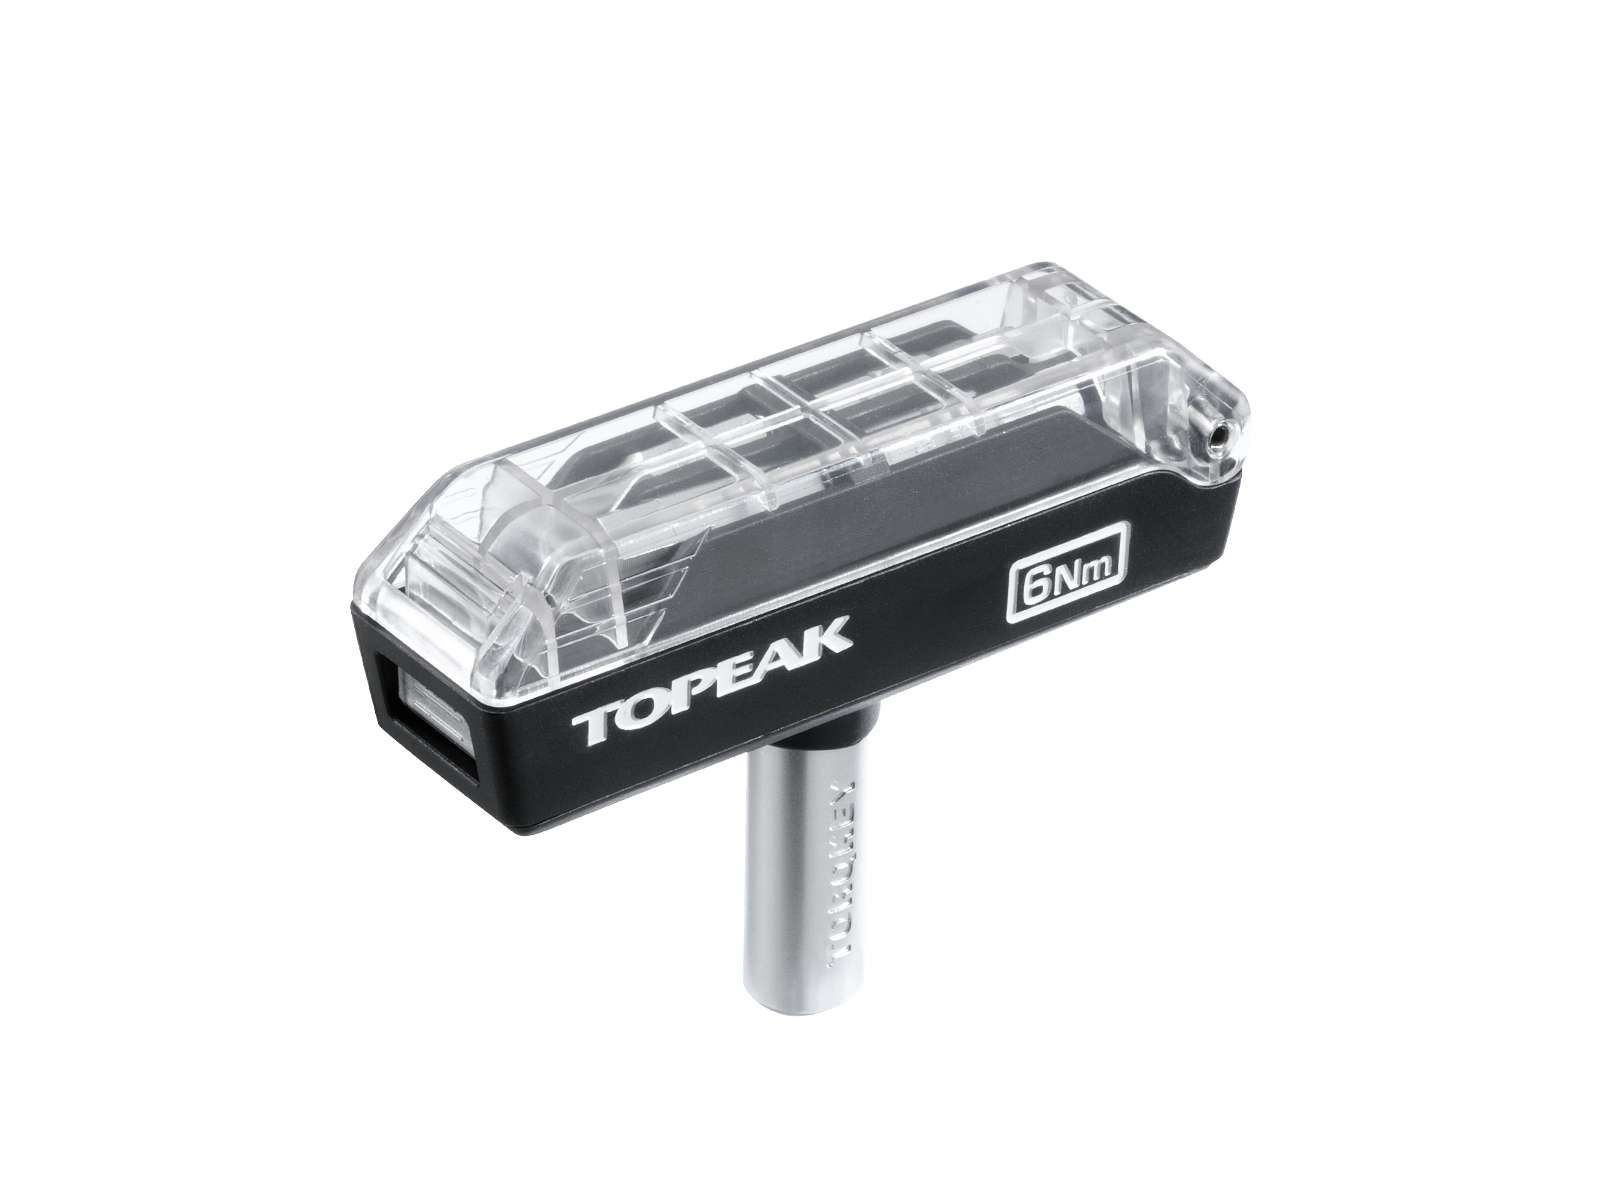 Chave de Torque Topeak 6N